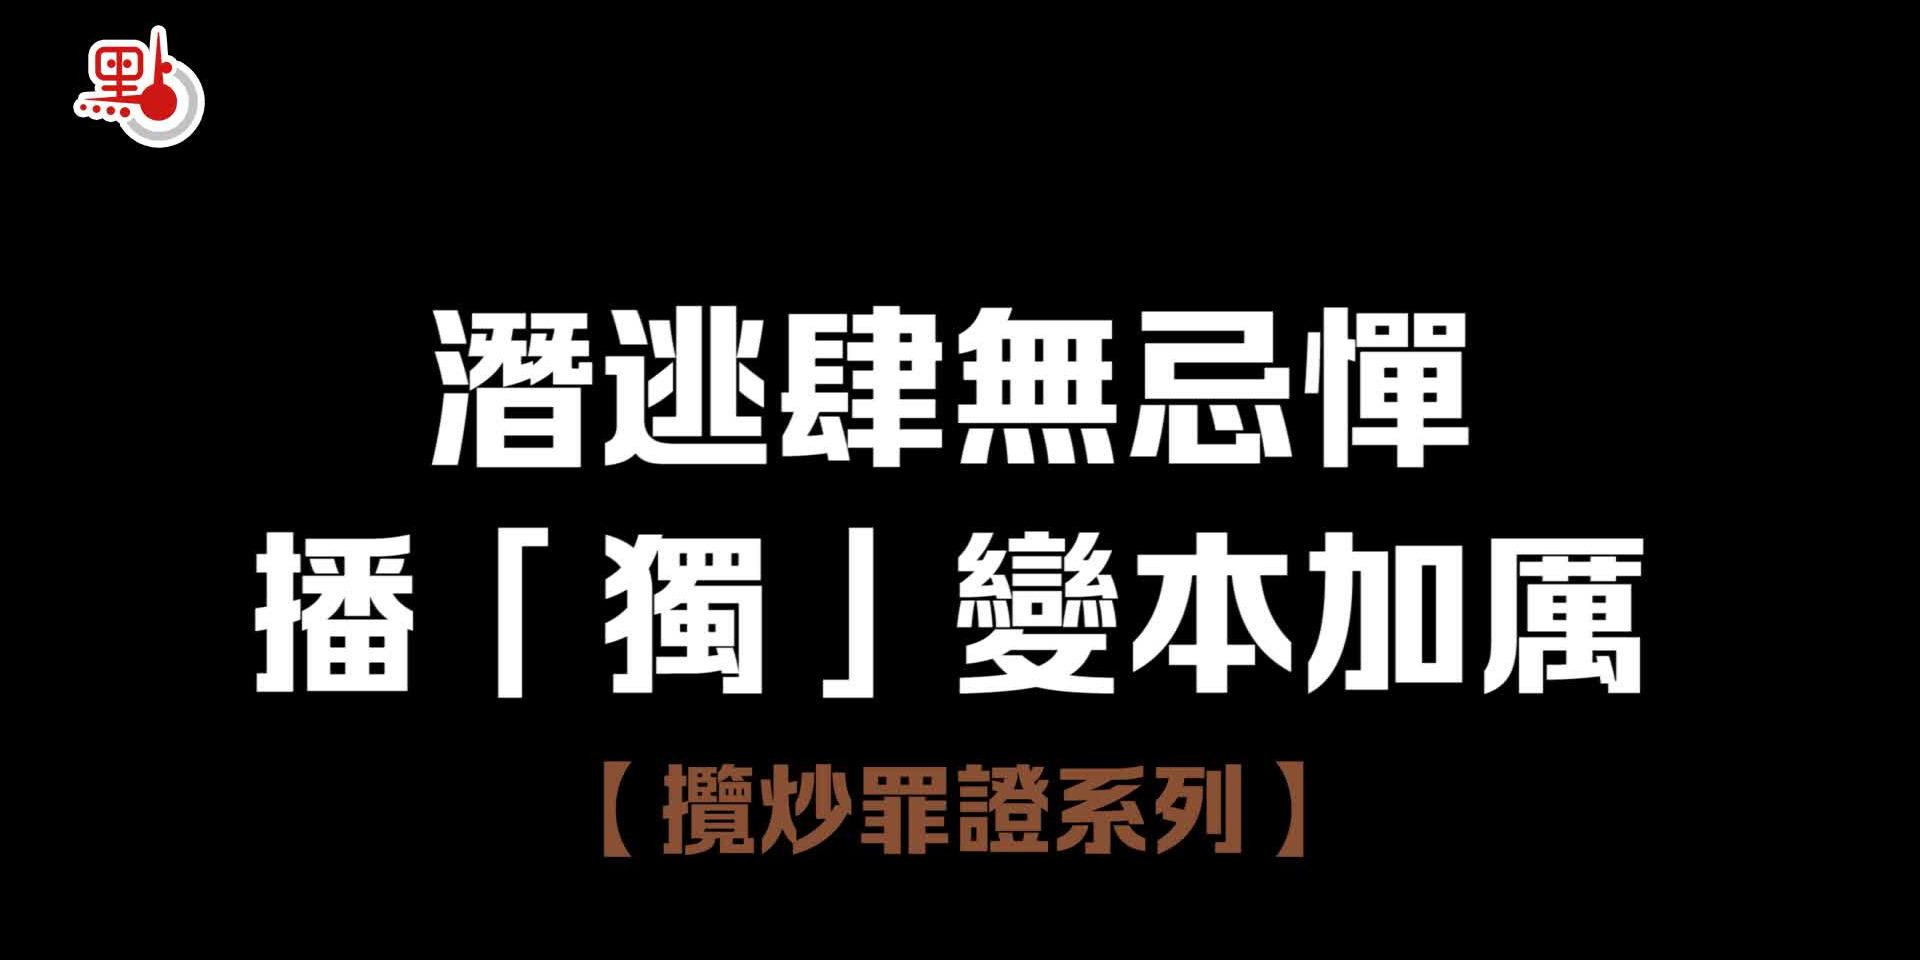 【攬炒罪證系列】潛逃肆無忌憚  播「獨」變本加厲